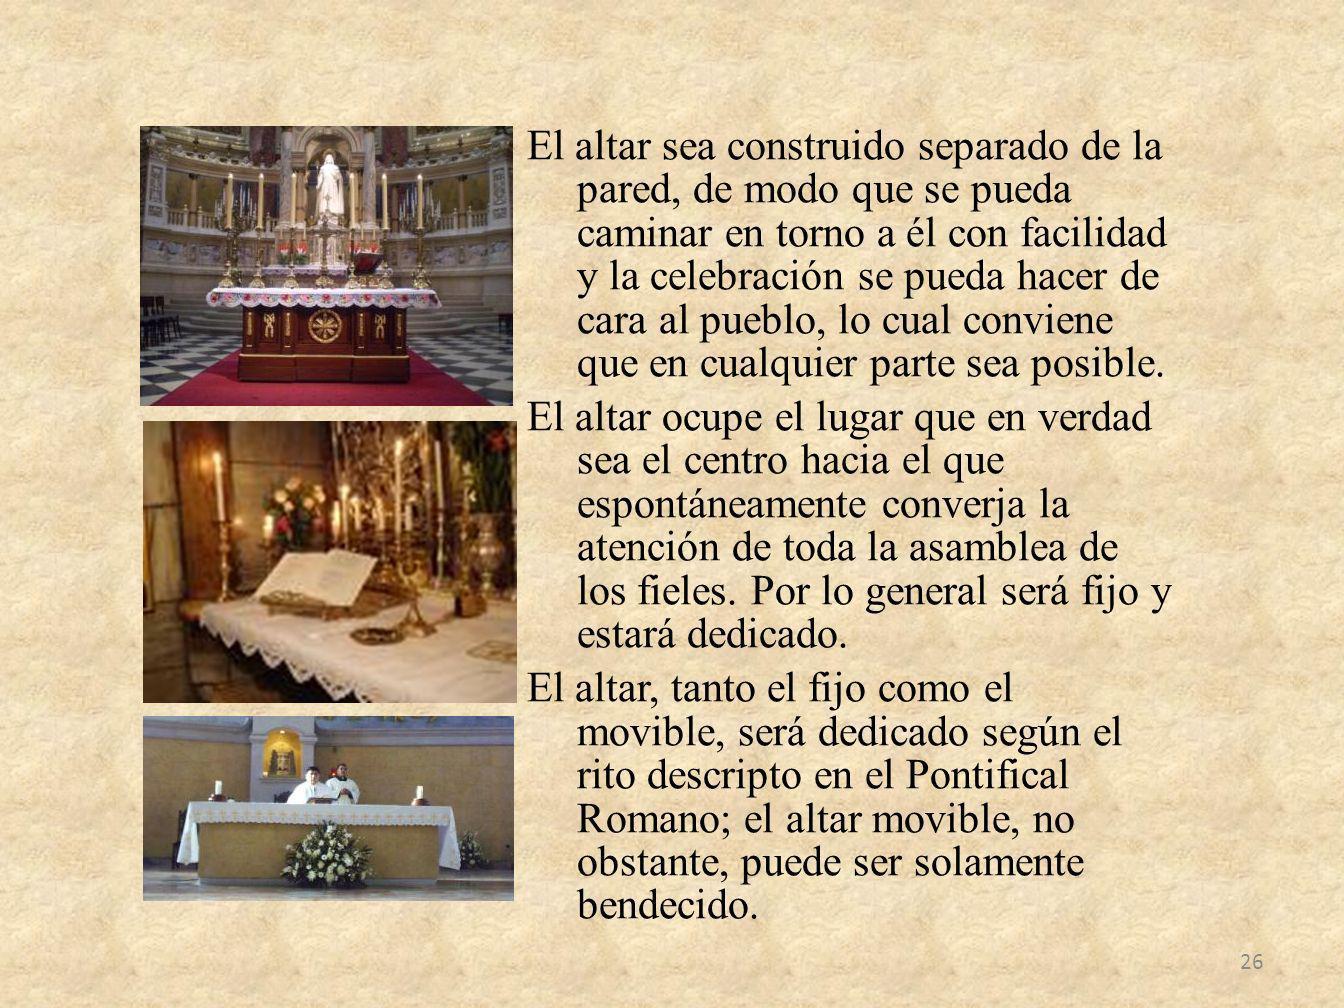 El altar sea construido separado de la pared, de modo que se pueda caminar en torno a él con facilidad y la celebración se pueda hacer de cara al pueblo, lo cual conviene que en cualquier parte sea posible.